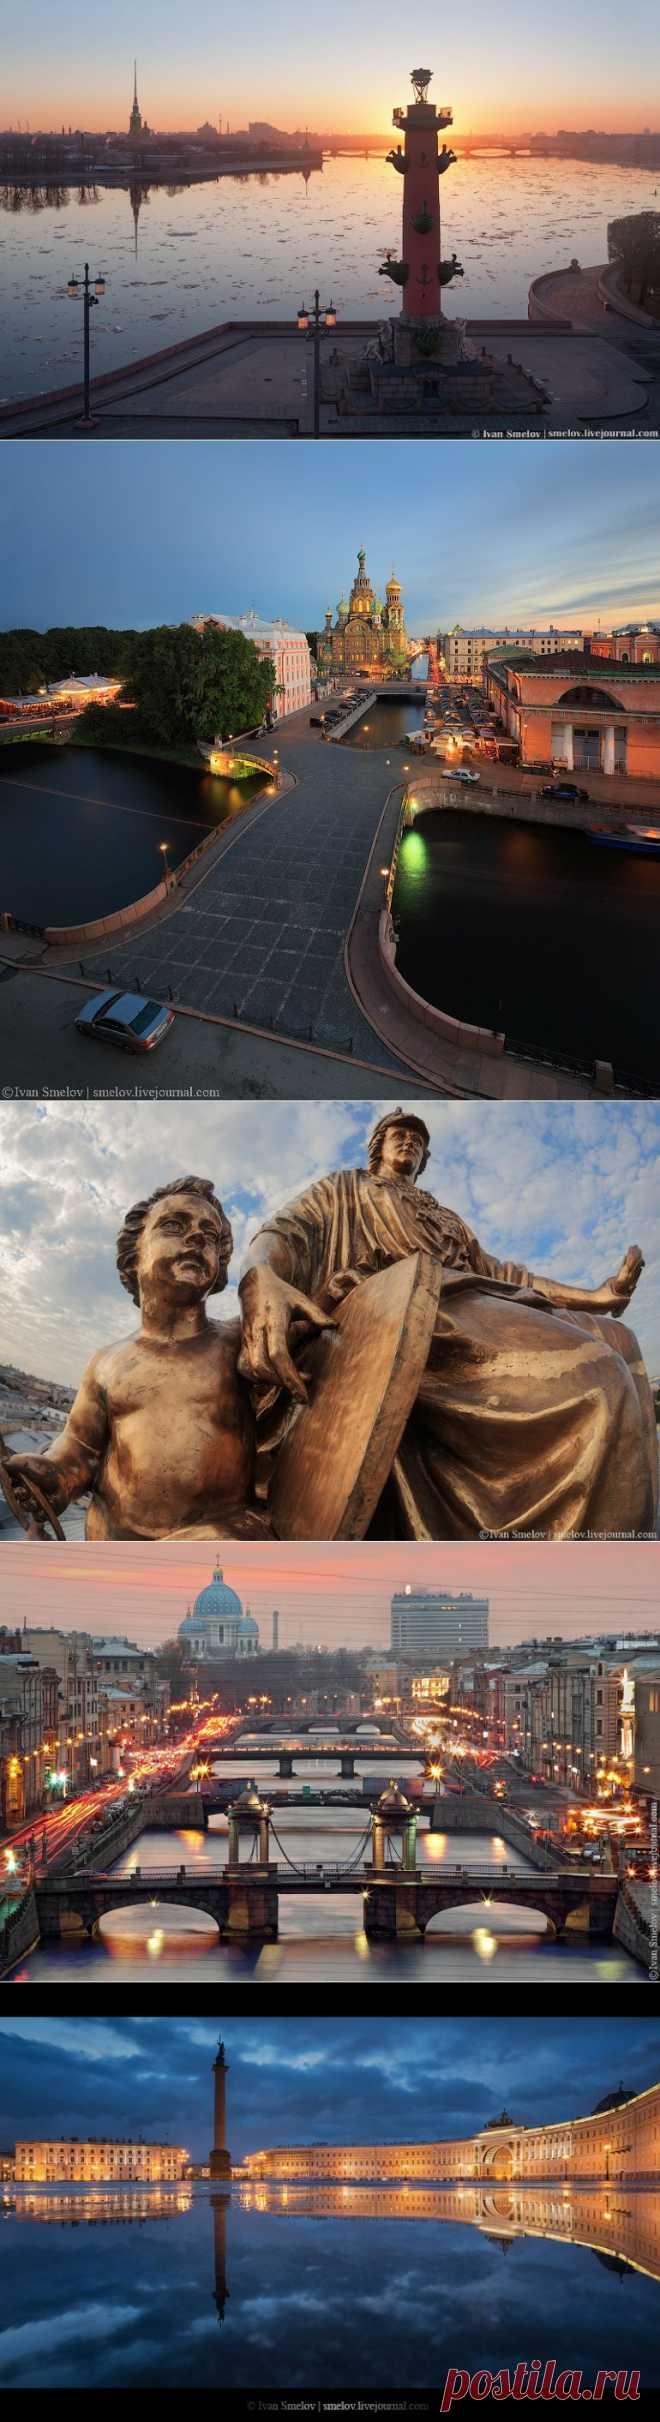 >> Открыточные виды Санкт-Петербурга | ФОТО НОВОСТИ